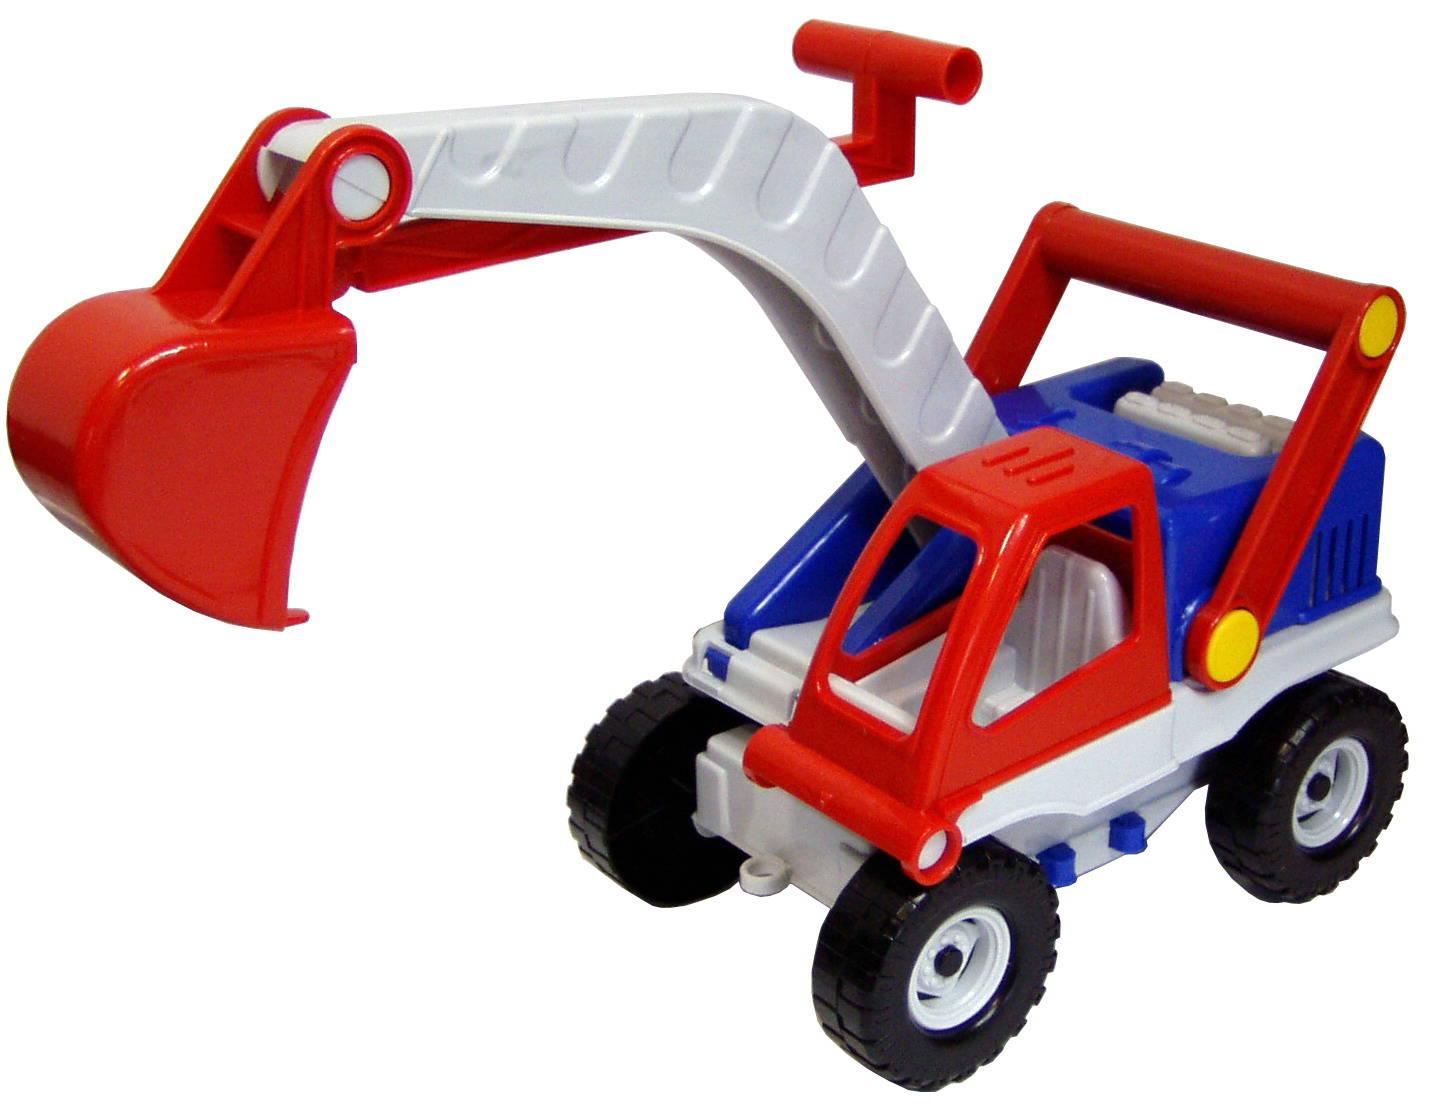 Купить Автомобиль строительный – Экскаватор, 25 см, ПК Форма